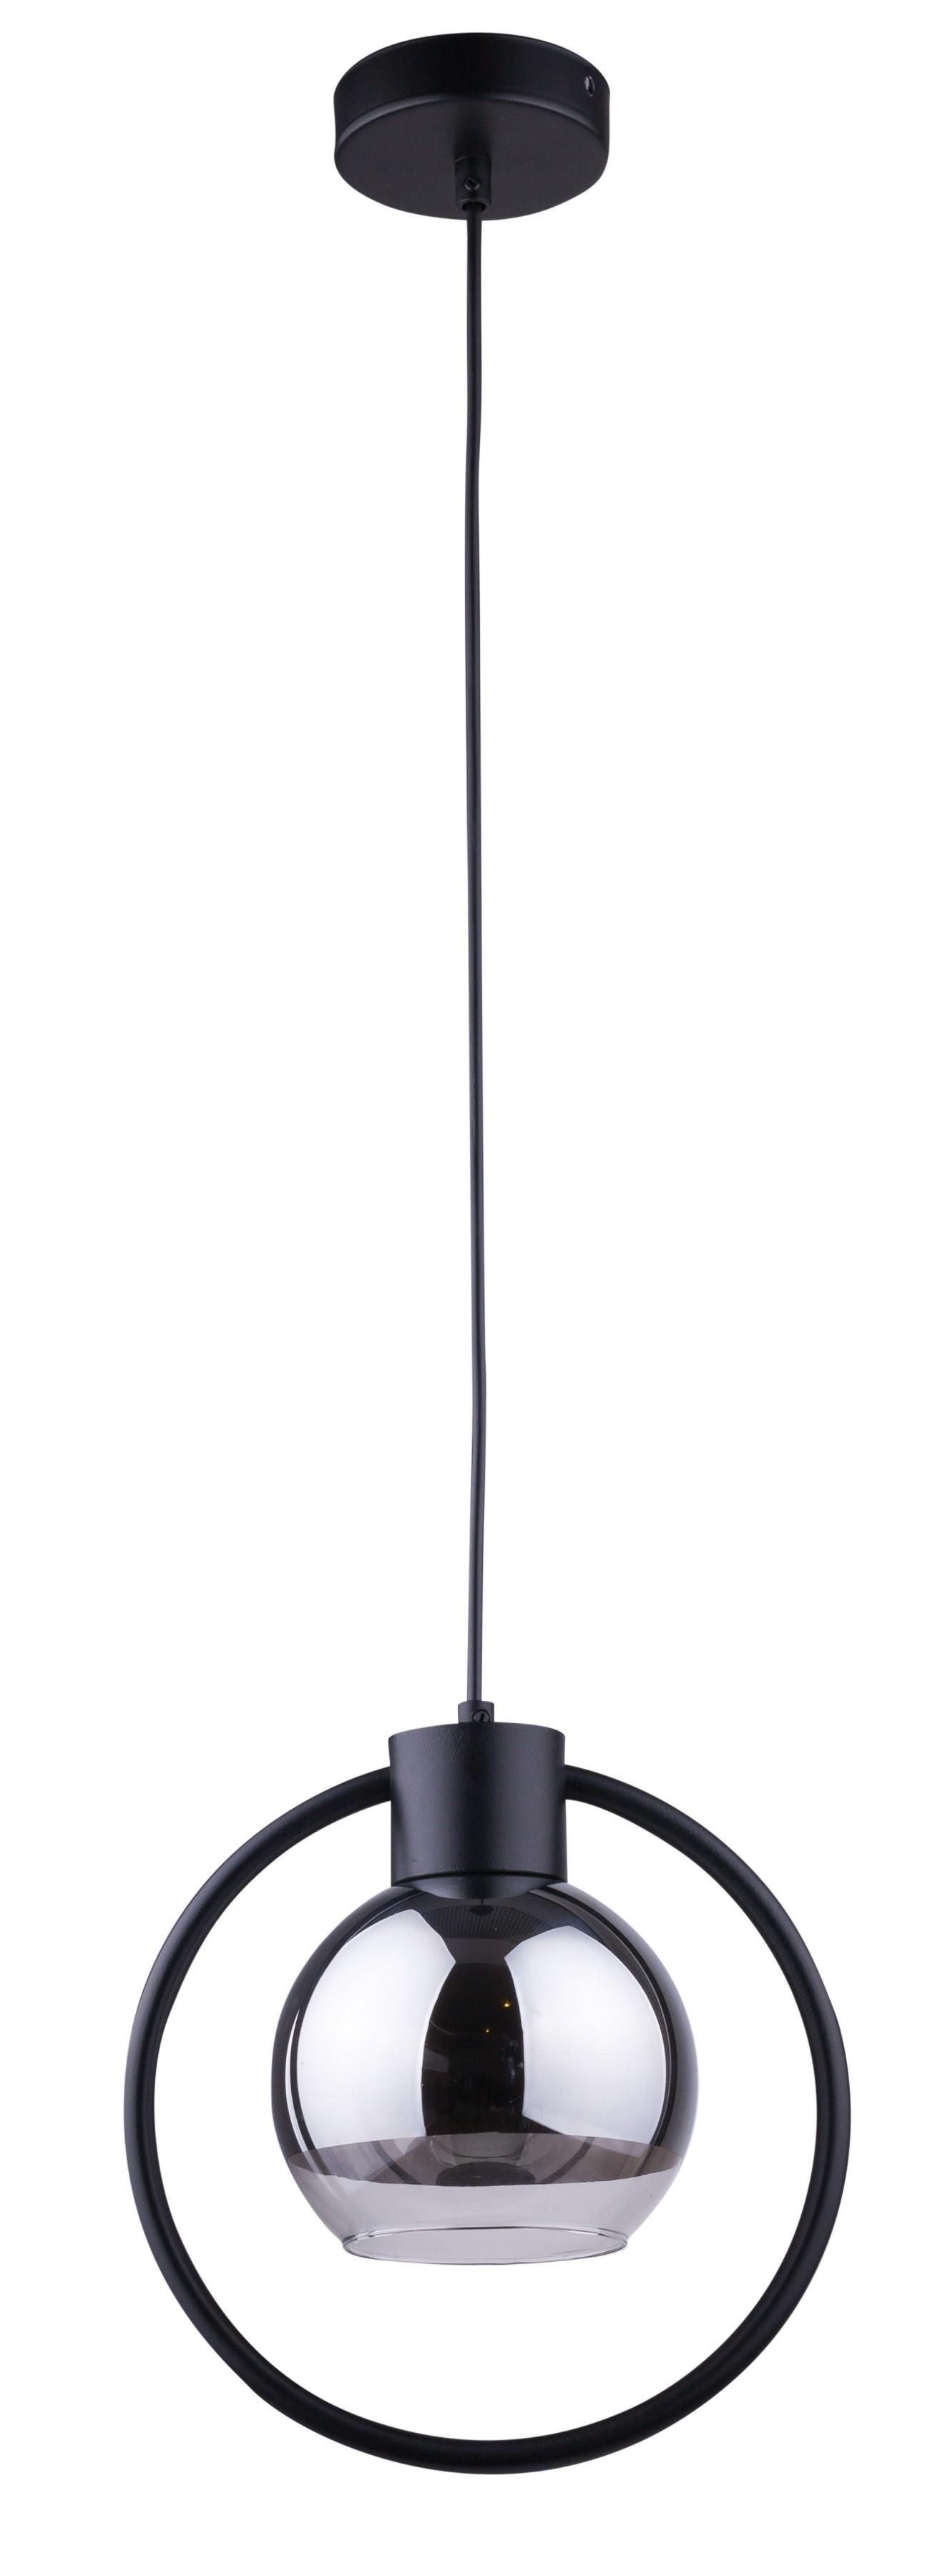 Lampa wisząca LINDA 1 czarny 31893 - Sigma // Rabaty w koszyku i darmowa dostawa od 299zł !